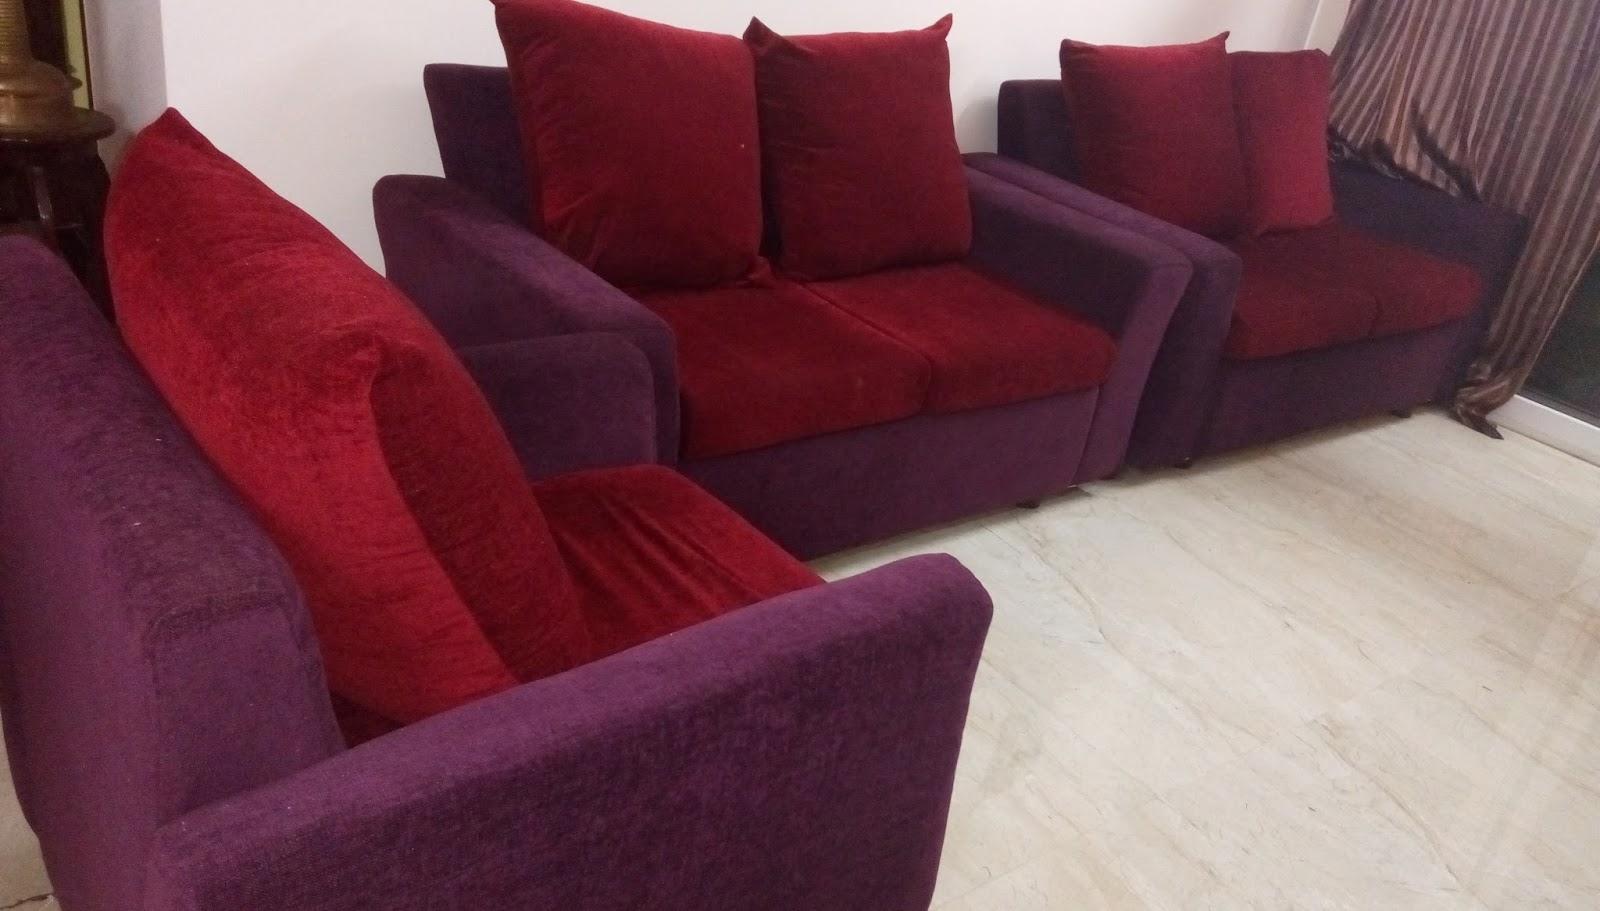 Sofa Covers In Chennai Set Lafayette La Chair And Repair Anna Nagar